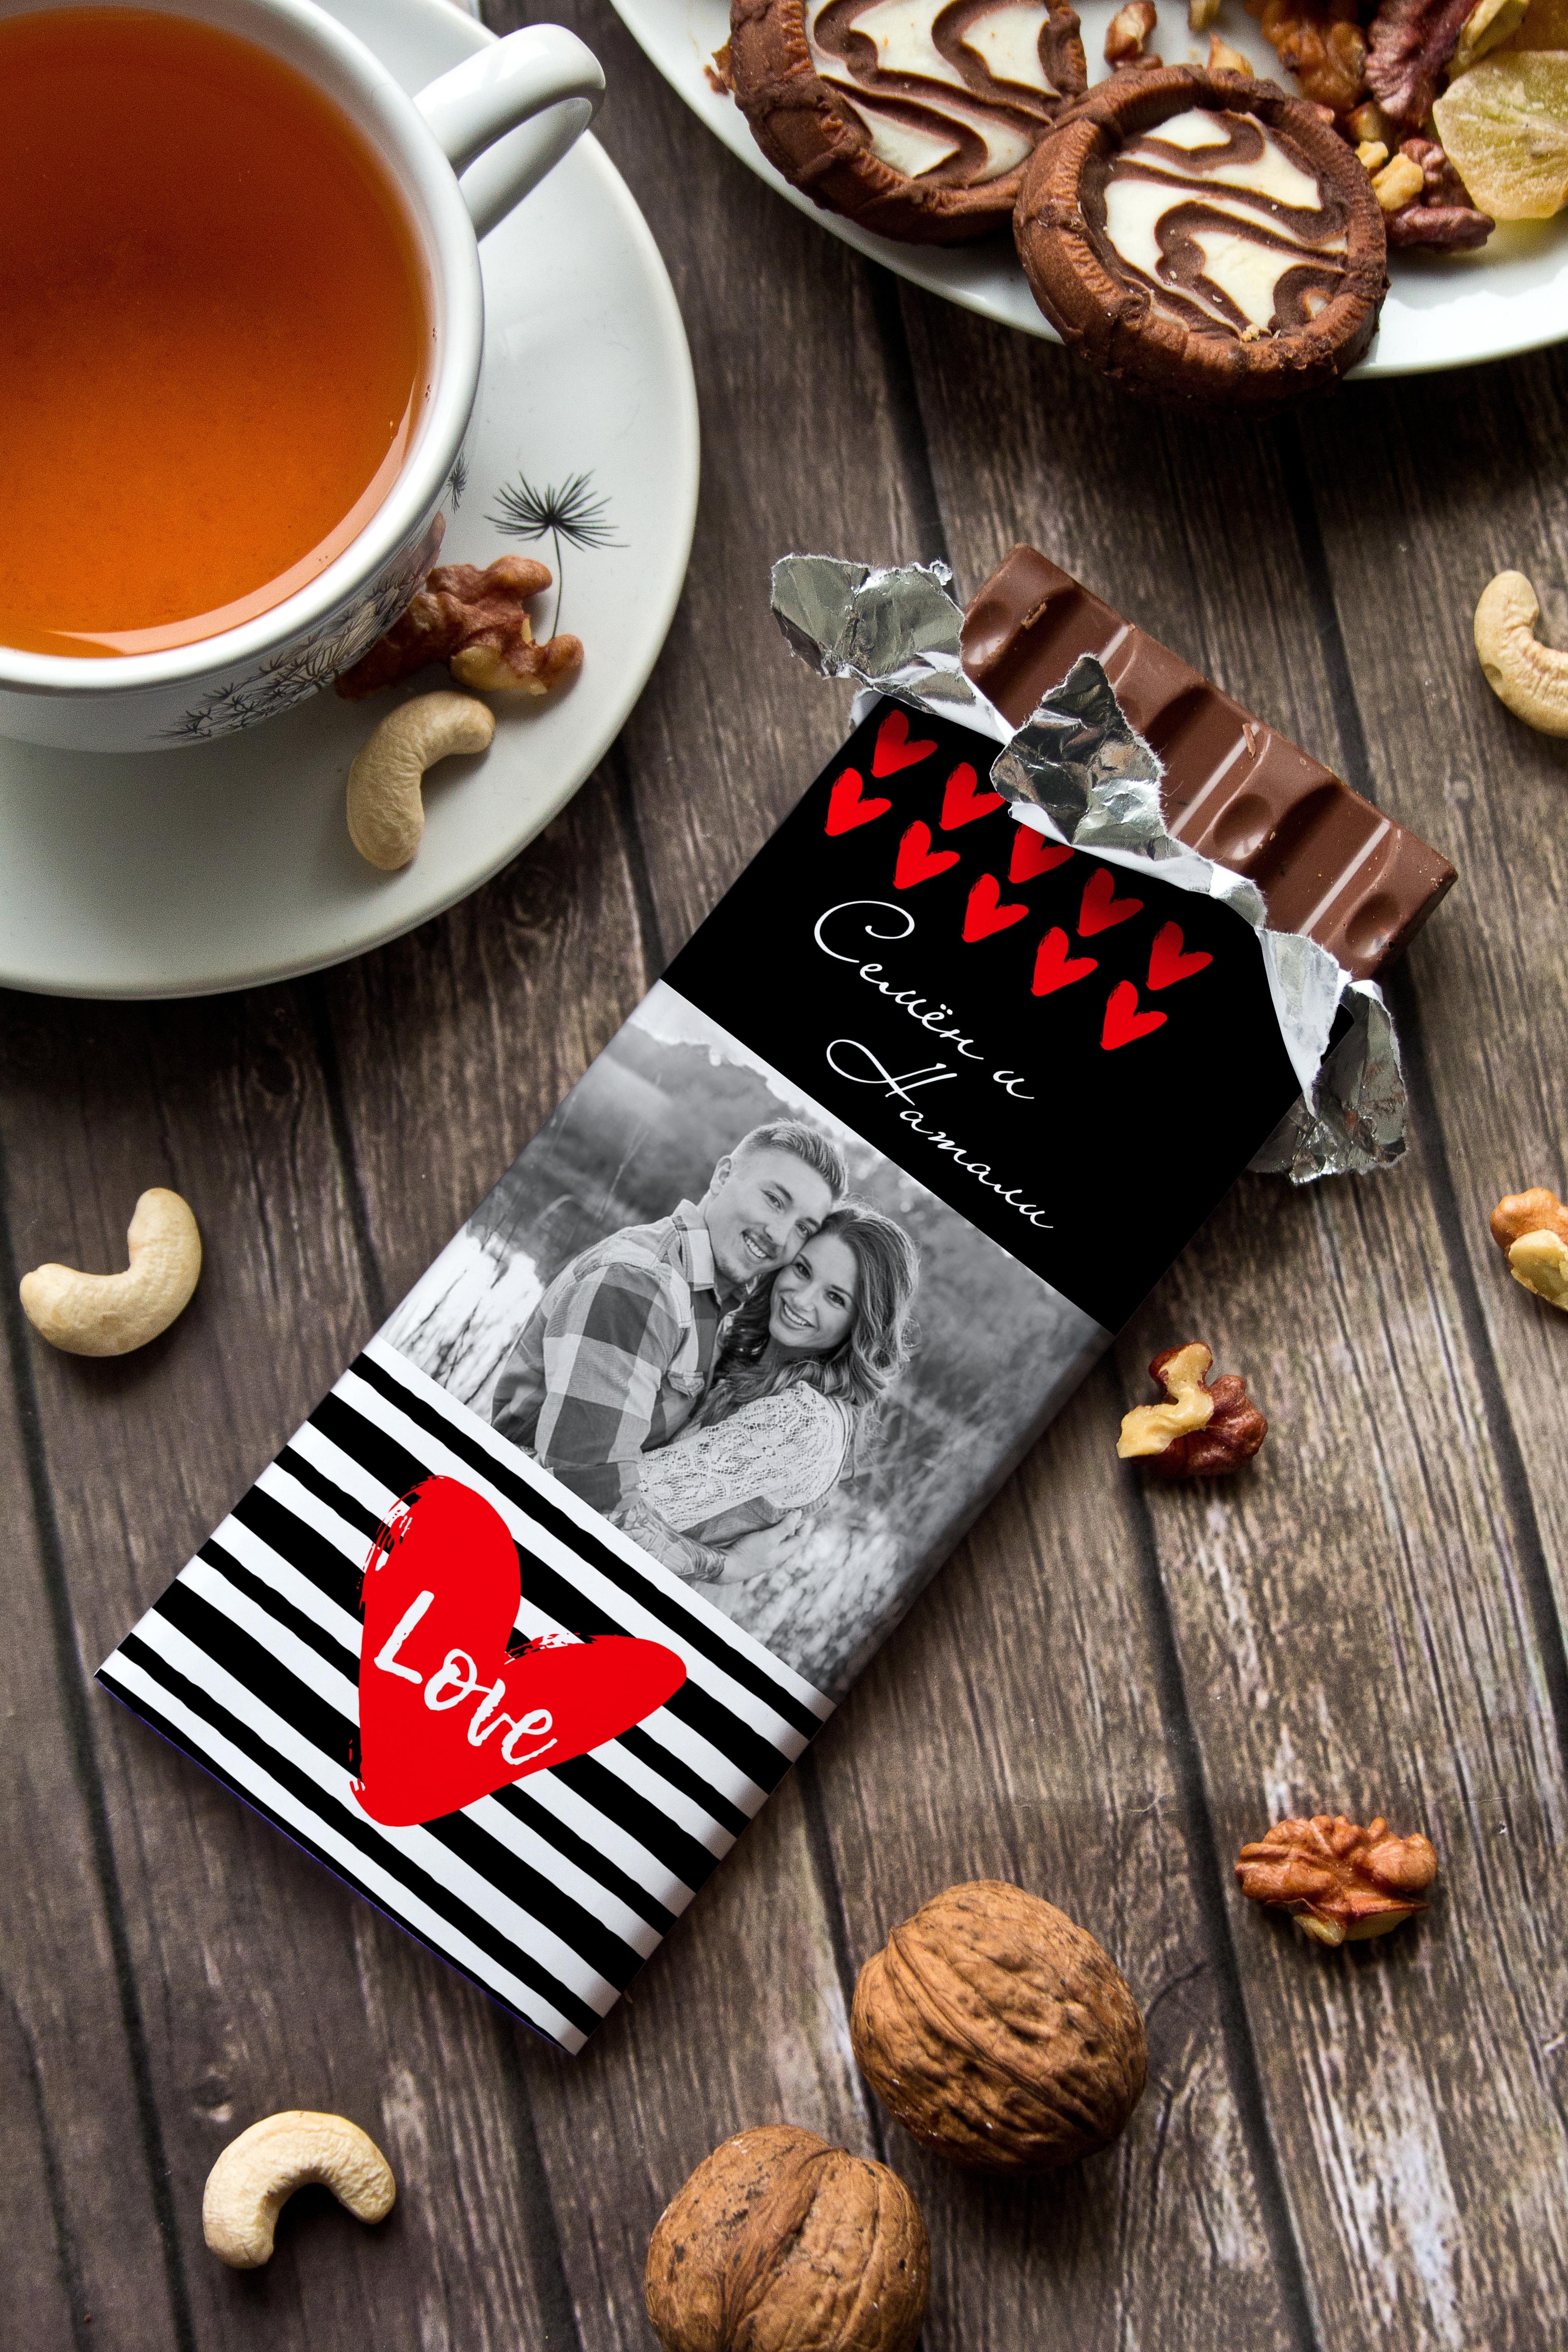 Шоколад с Вашим именем Живи, Смейся, ЛюбиСувениры и упаковка<br>Молочный шоколад с изюмом и орехами в персональной именной упаковке будет приятным сувениром для сладкоежки! Масса - 90г.<br>